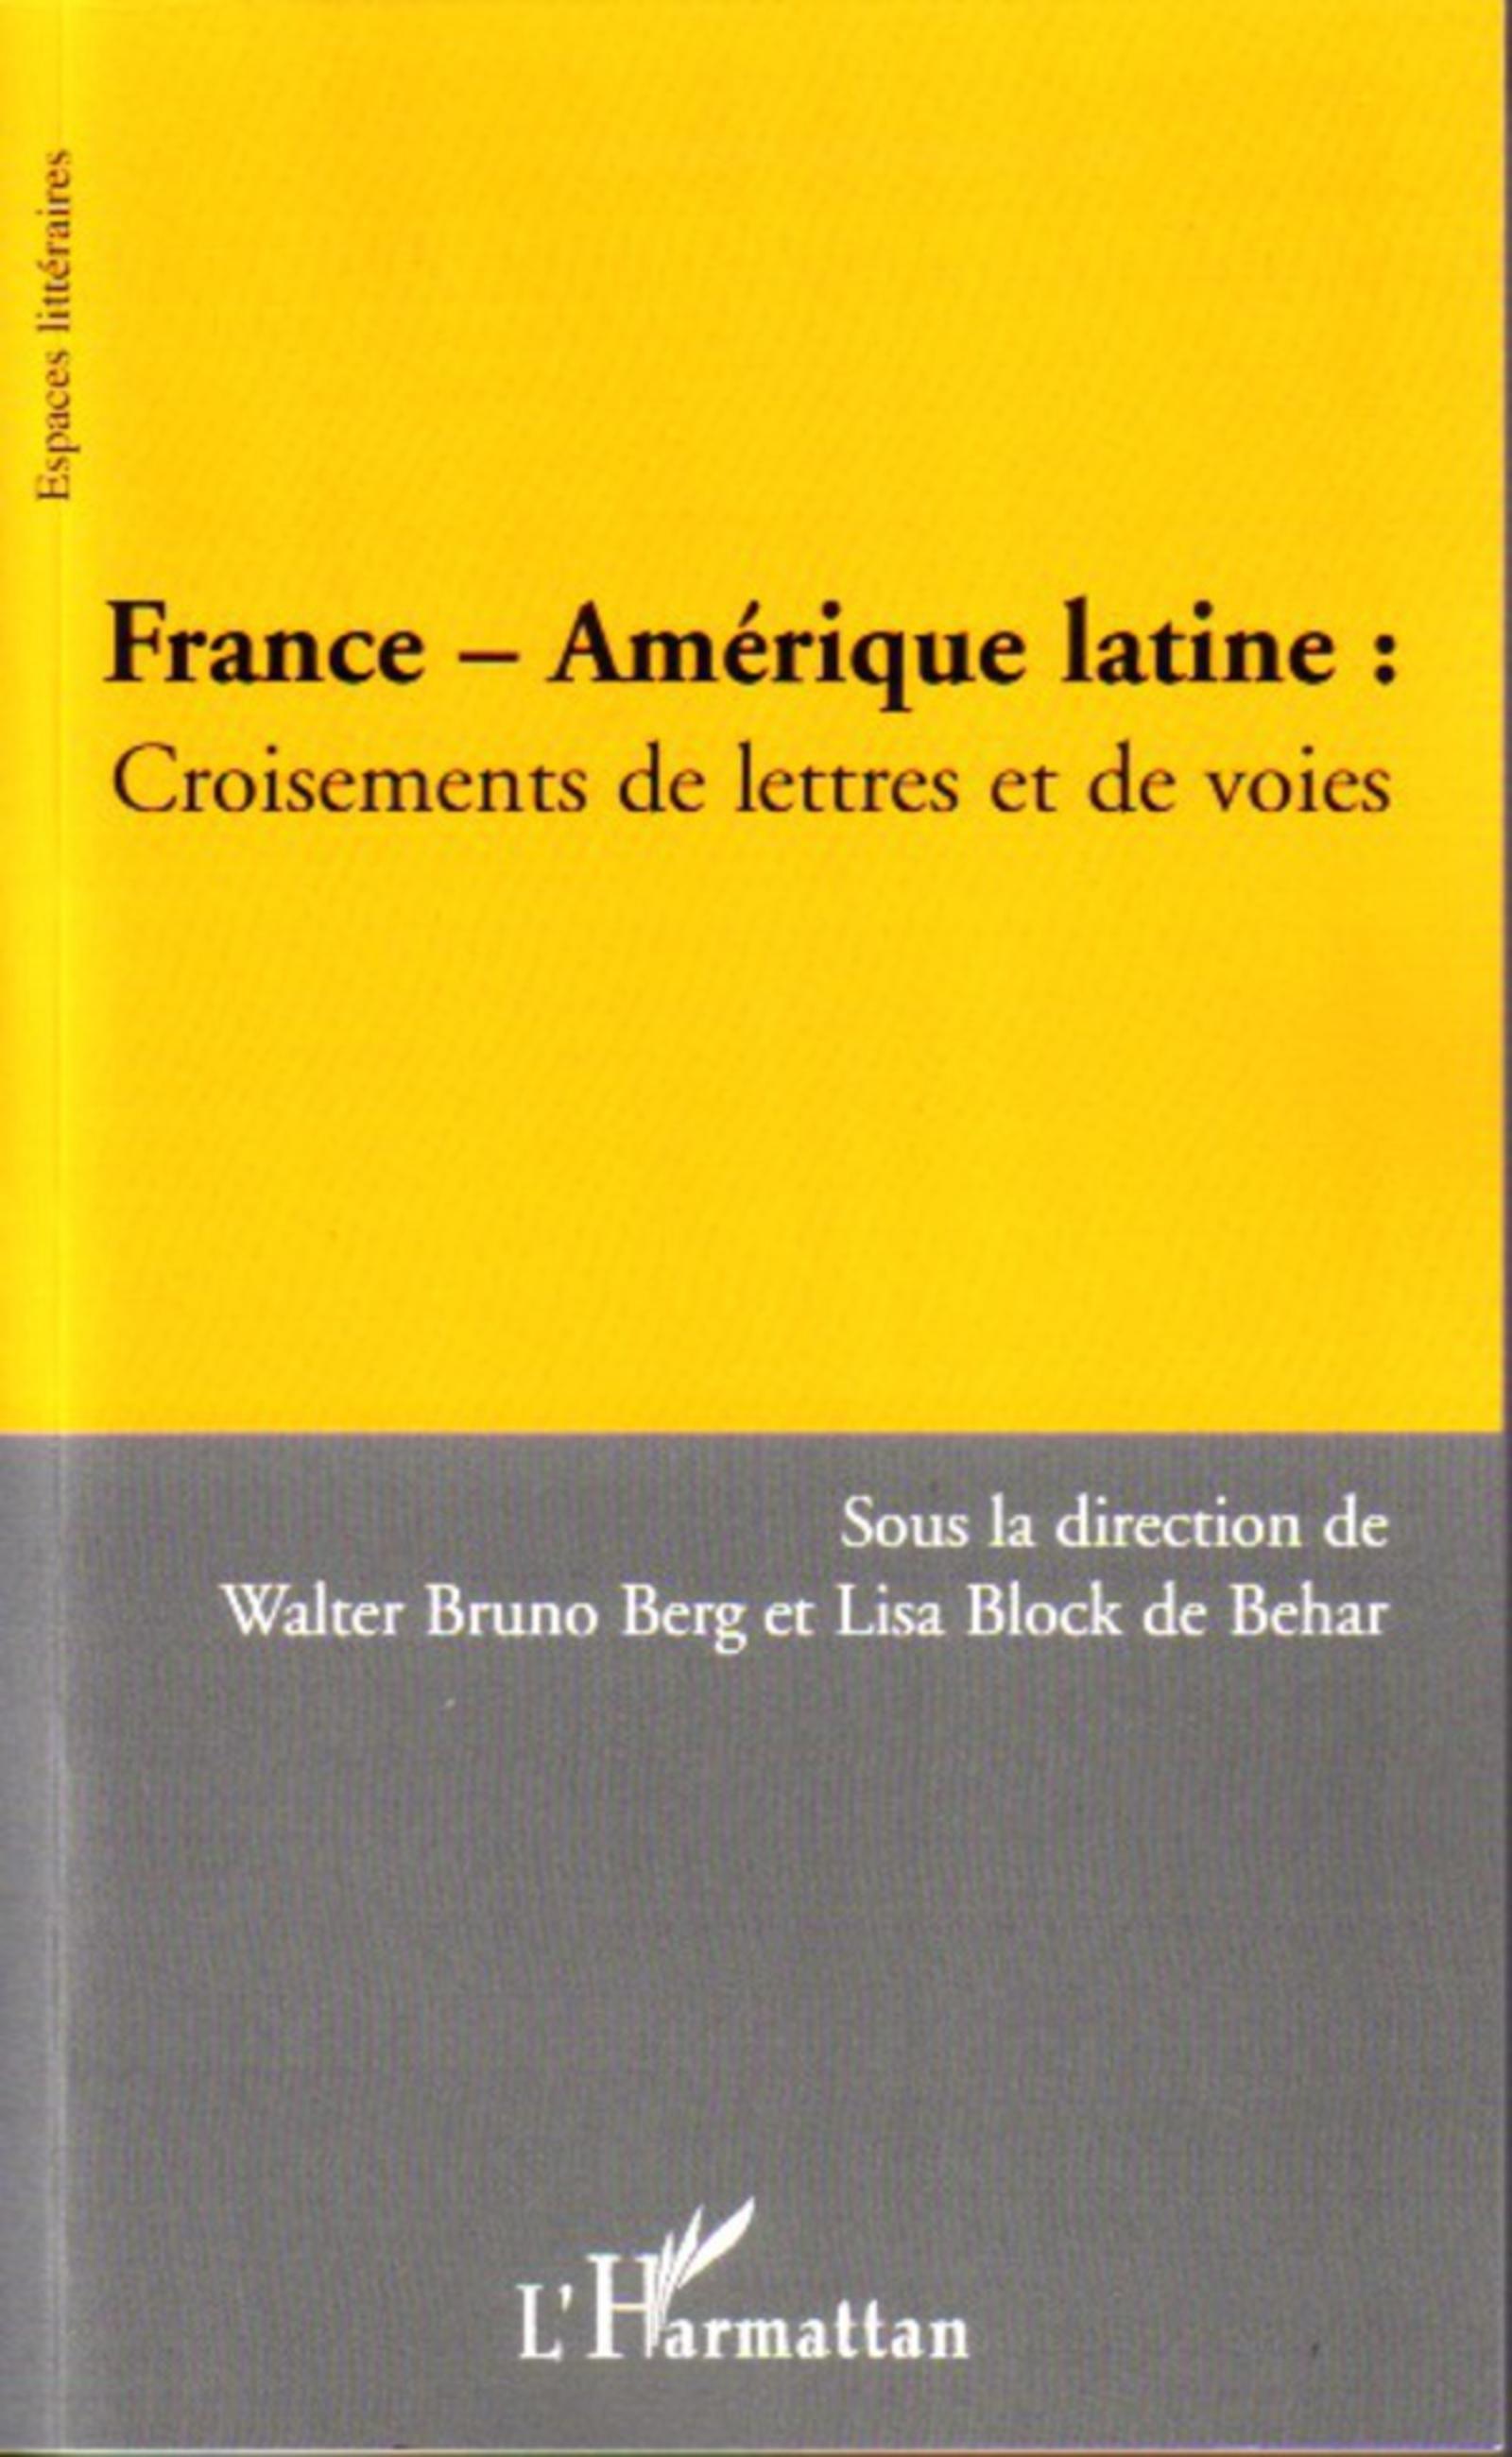 France - Amérique latine. Croisements de lettres et de voies